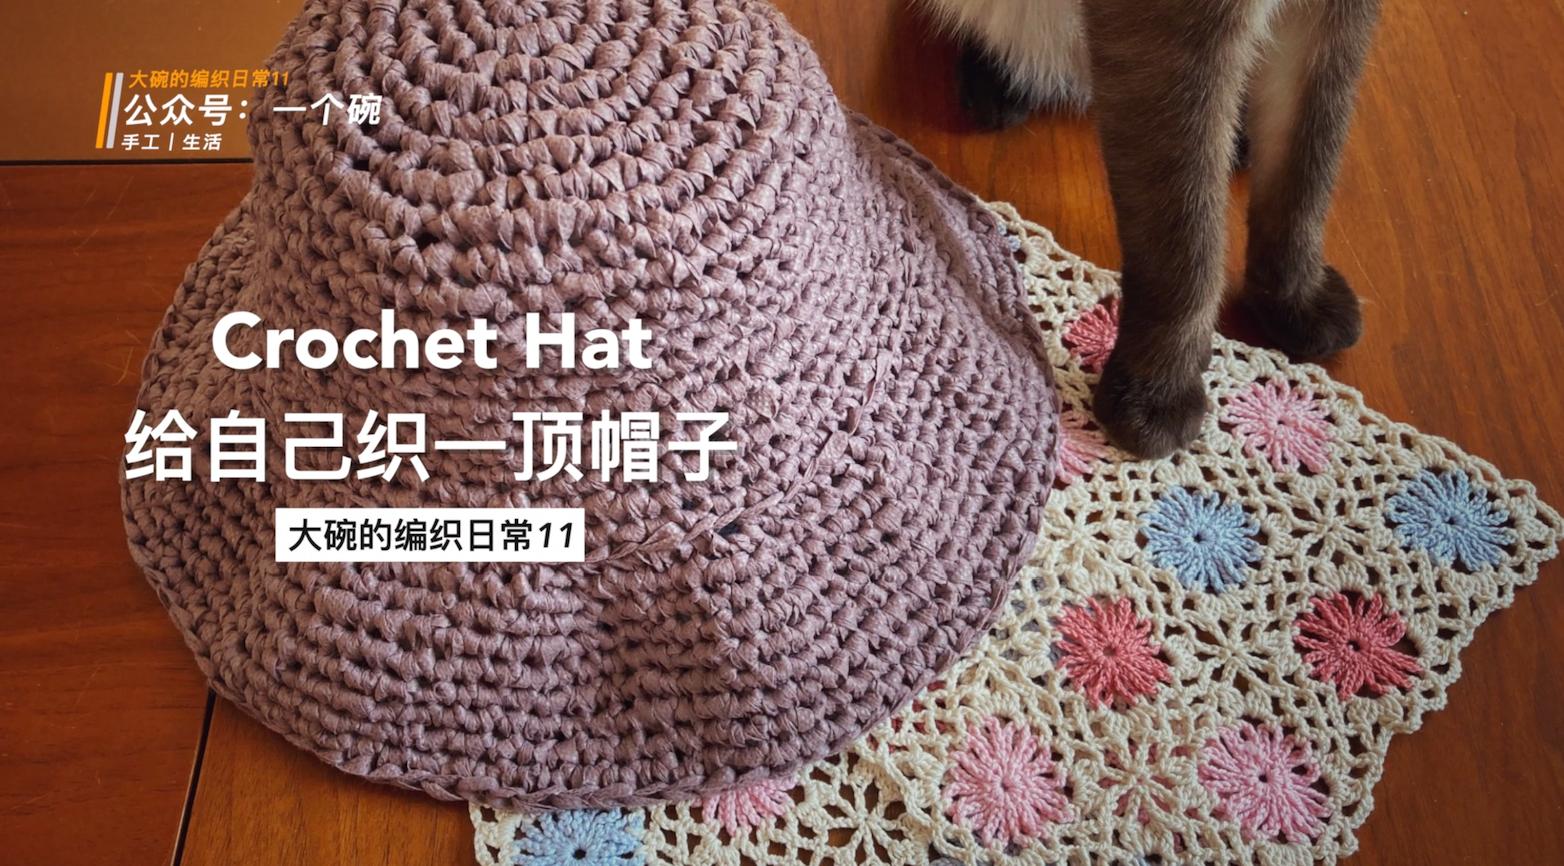 给自己设计与编织一顶帽子